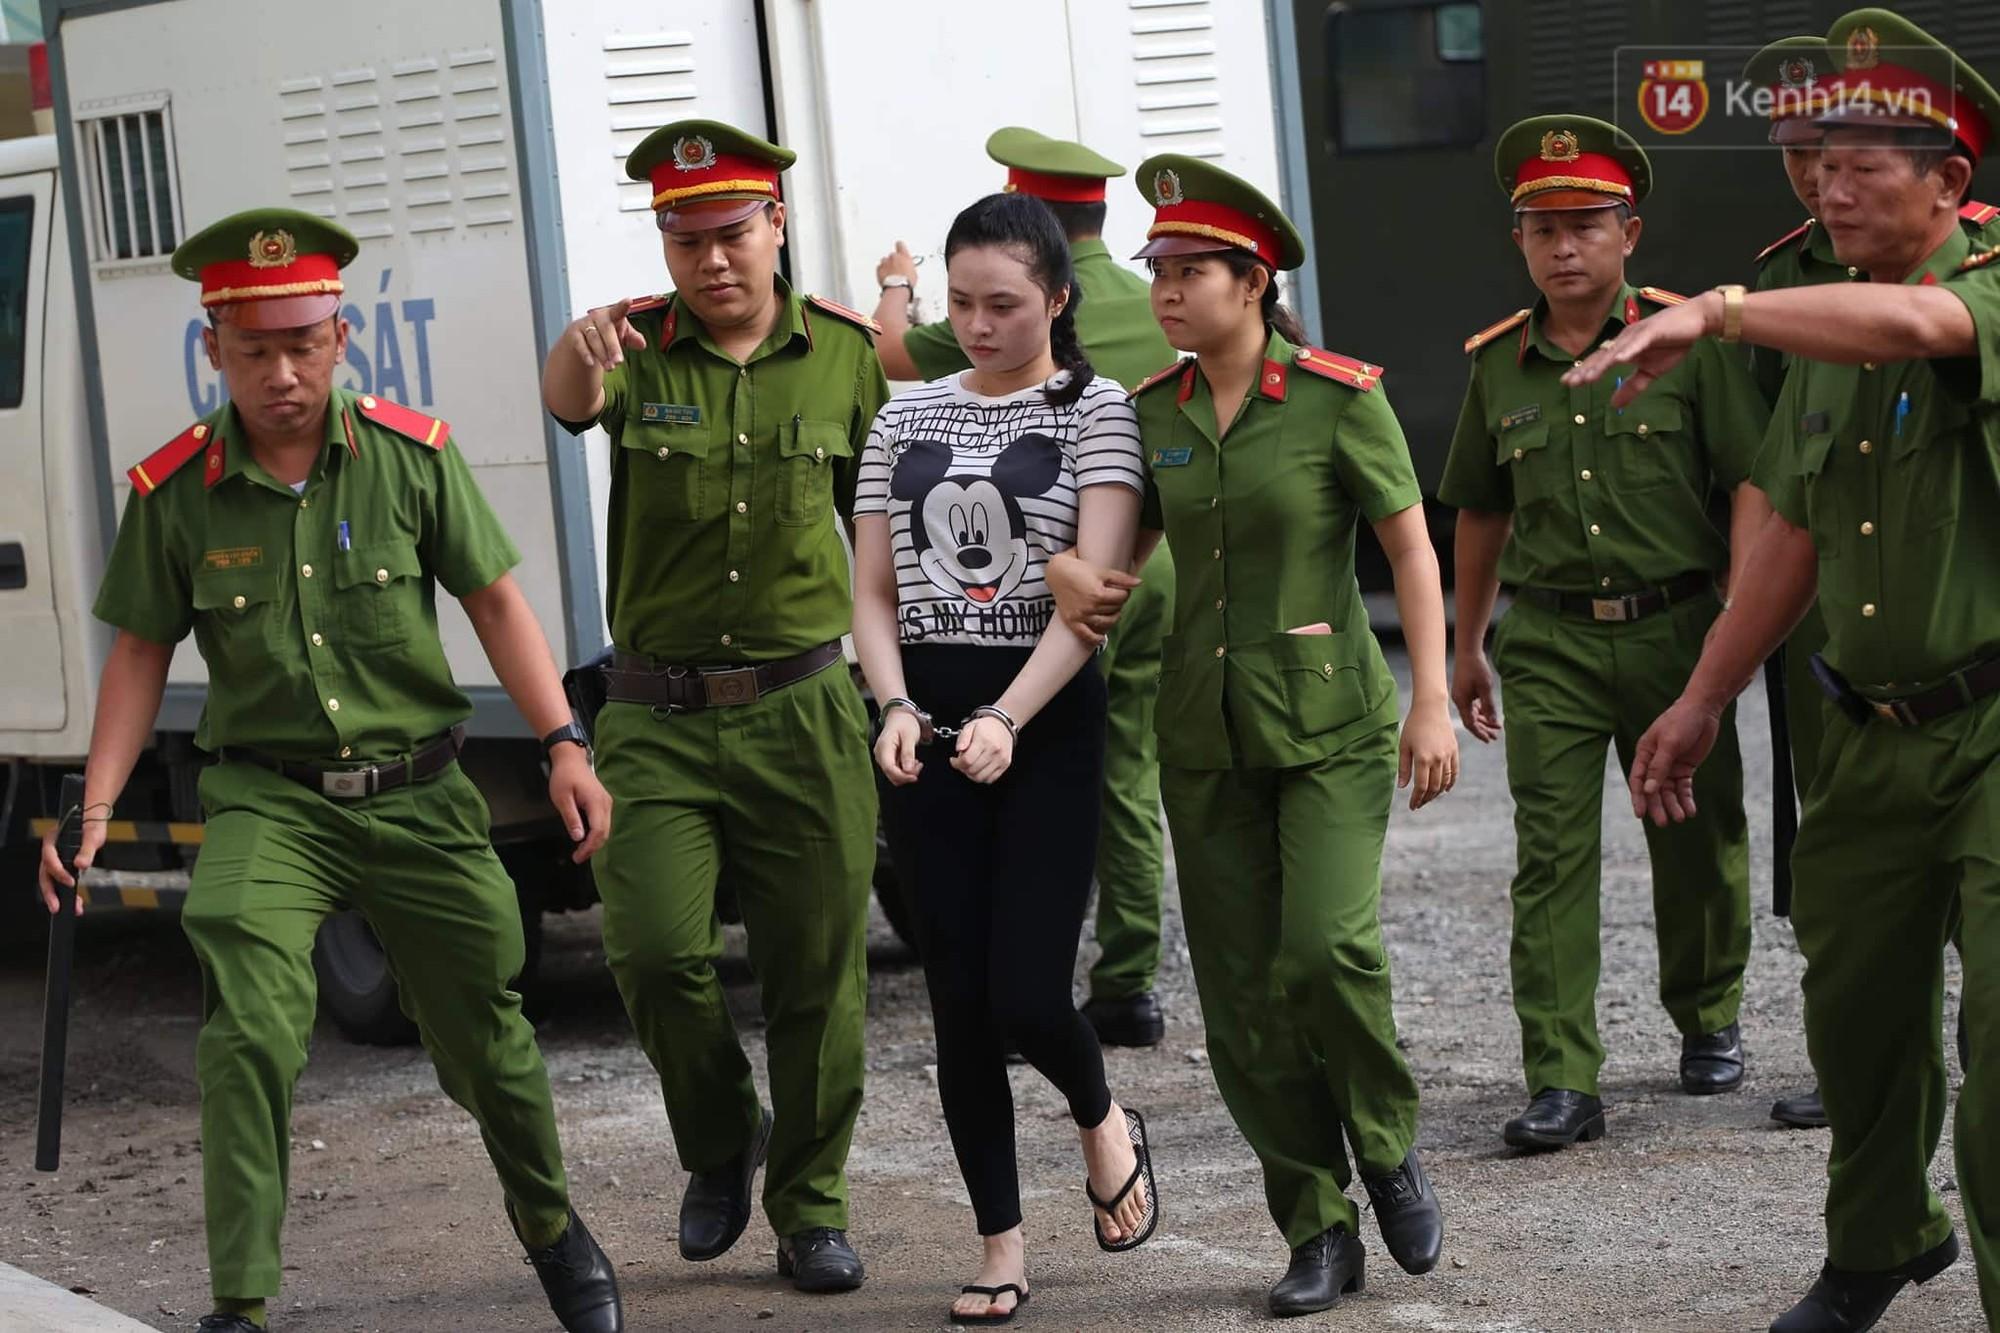 Ông trùm Văn Kính Dương vẫn cười dù bị đề nghị tử hình, hotgirl Ngọc Miu bật khóc khi VKS đưa mức án 20 năm tù - Ảnh 3.